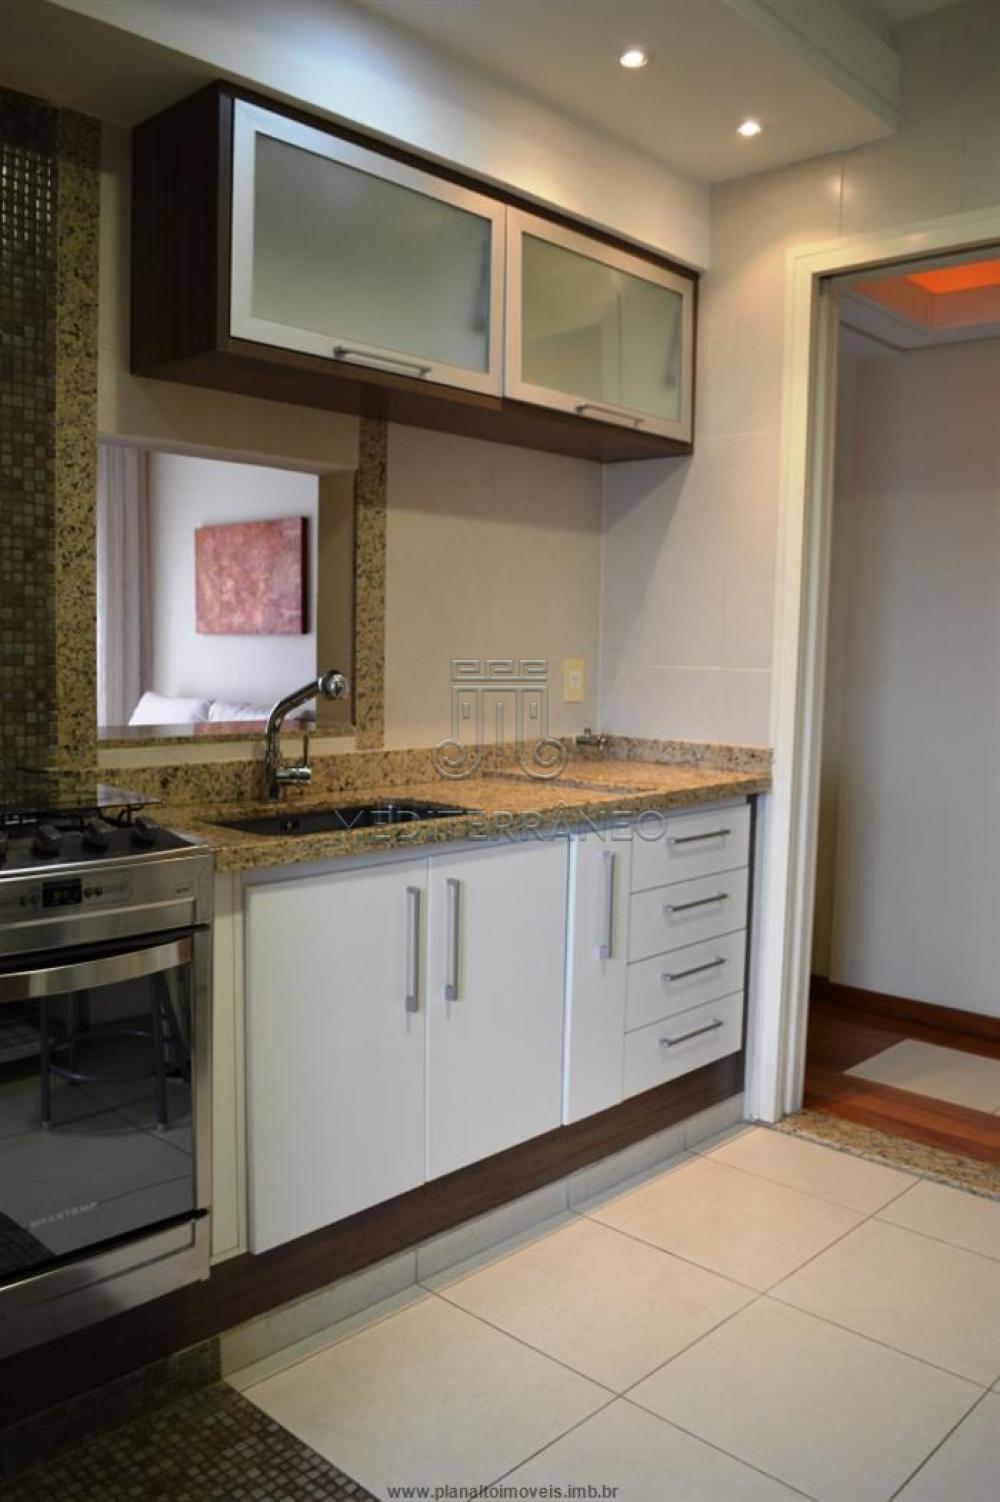 Comprar Apartamento / Padrão em Jundiaí apenas R$ 430.000,00 - Foto 5